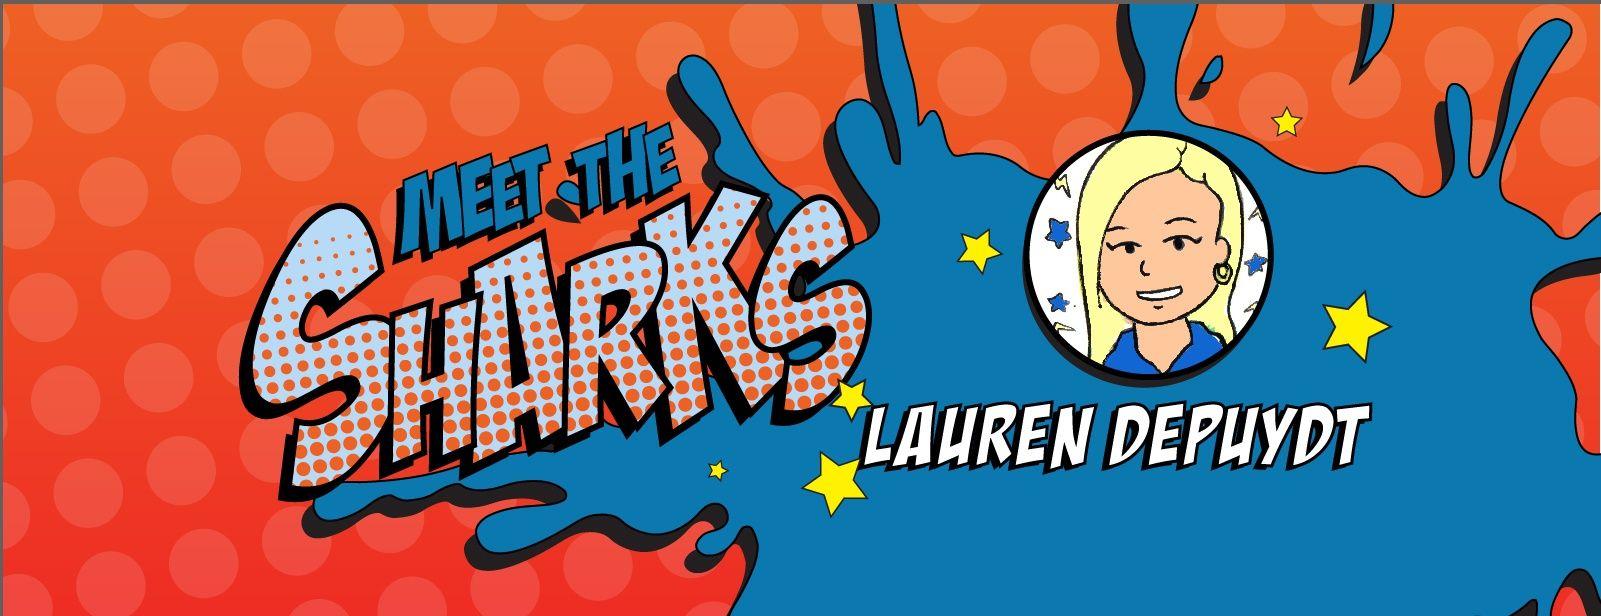 201803-ManoByte-Meet_The_Sharks_Lauren.jpg